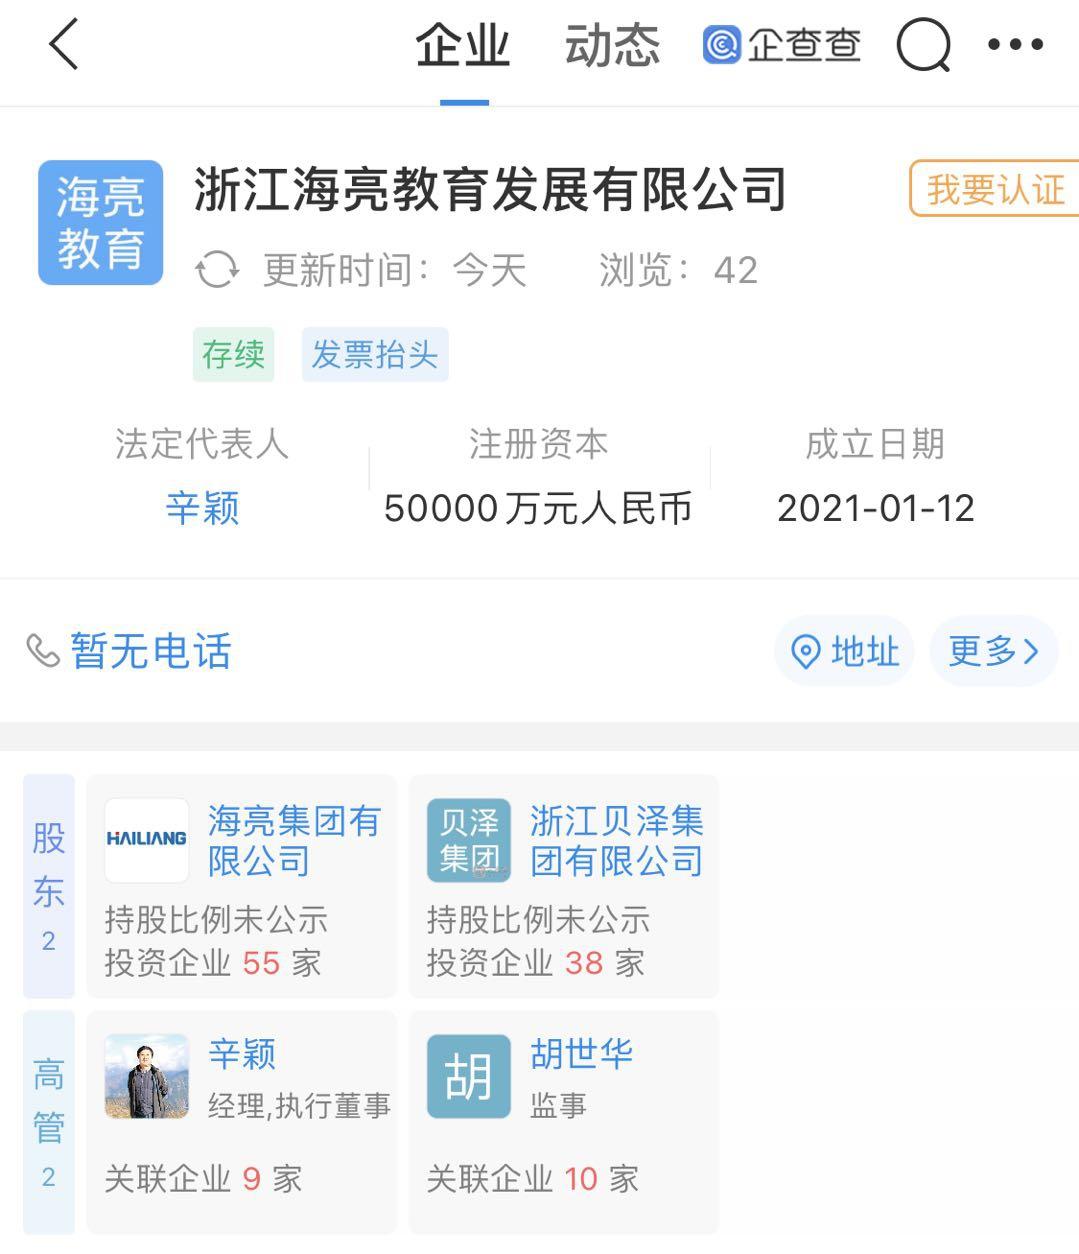 海亮集团联合成立教育发展公司,注册资本5亿元